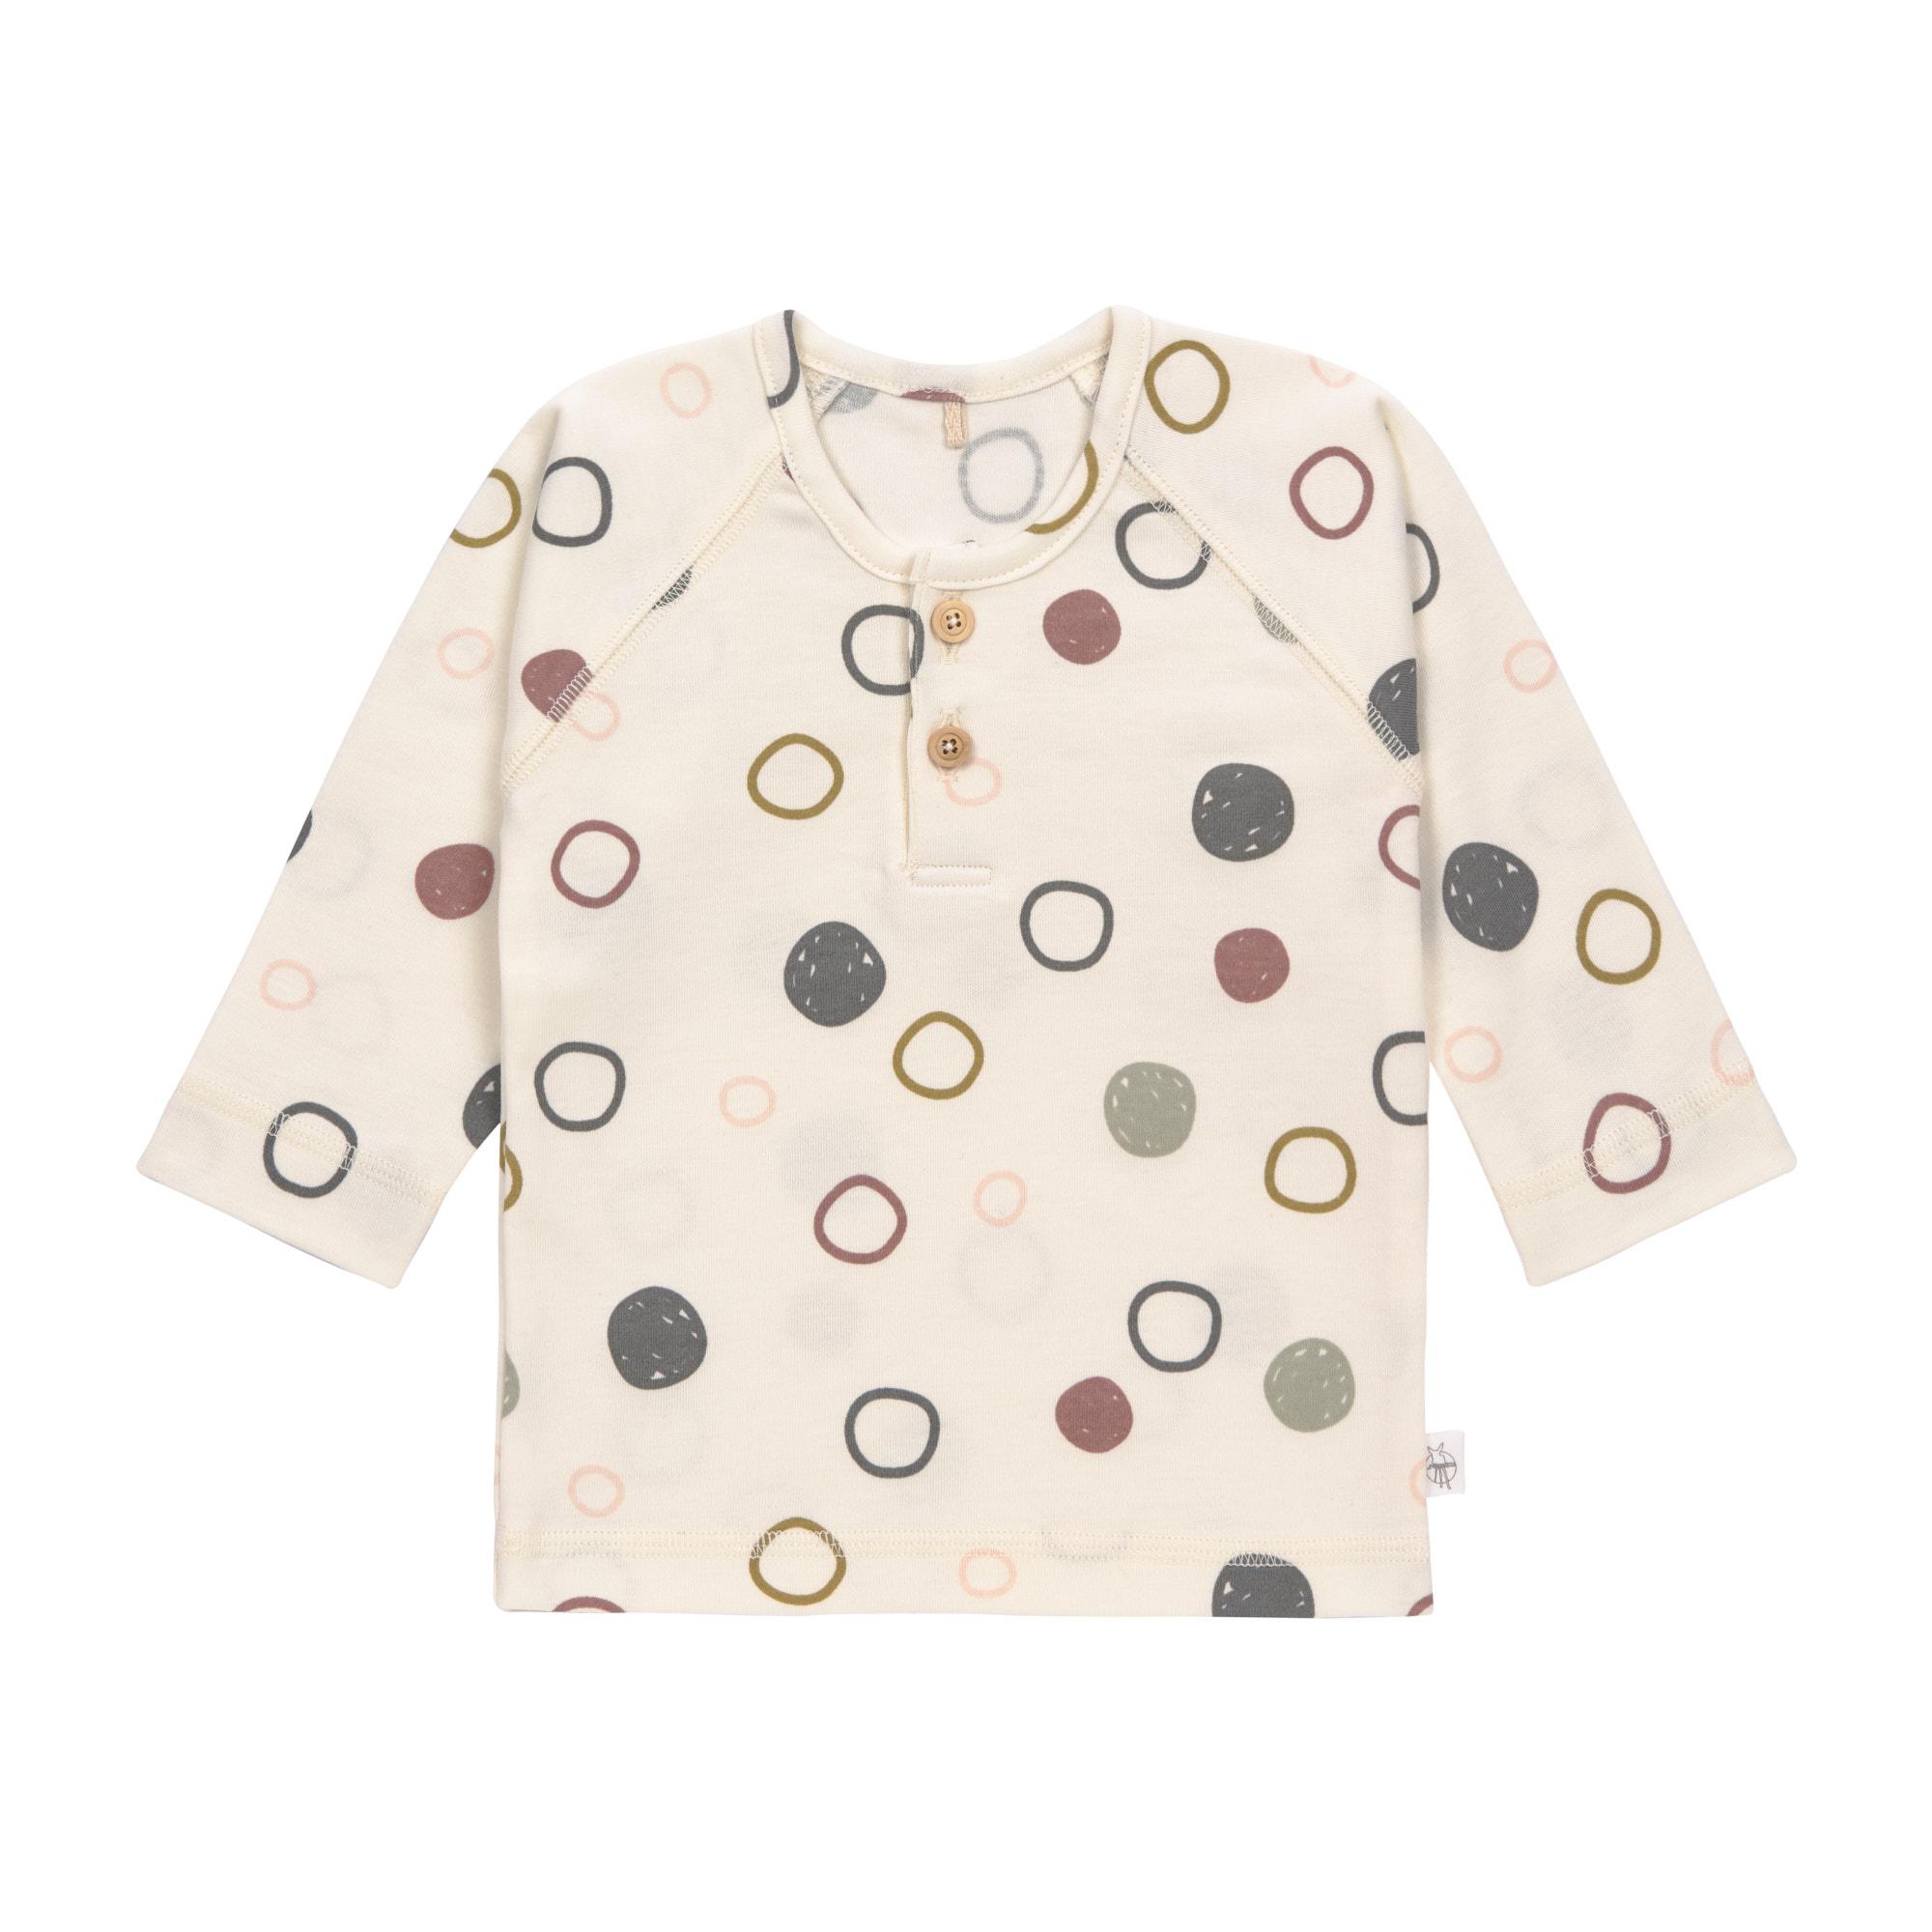 Baby Langarmshirt - Circles offwhite - Lässig